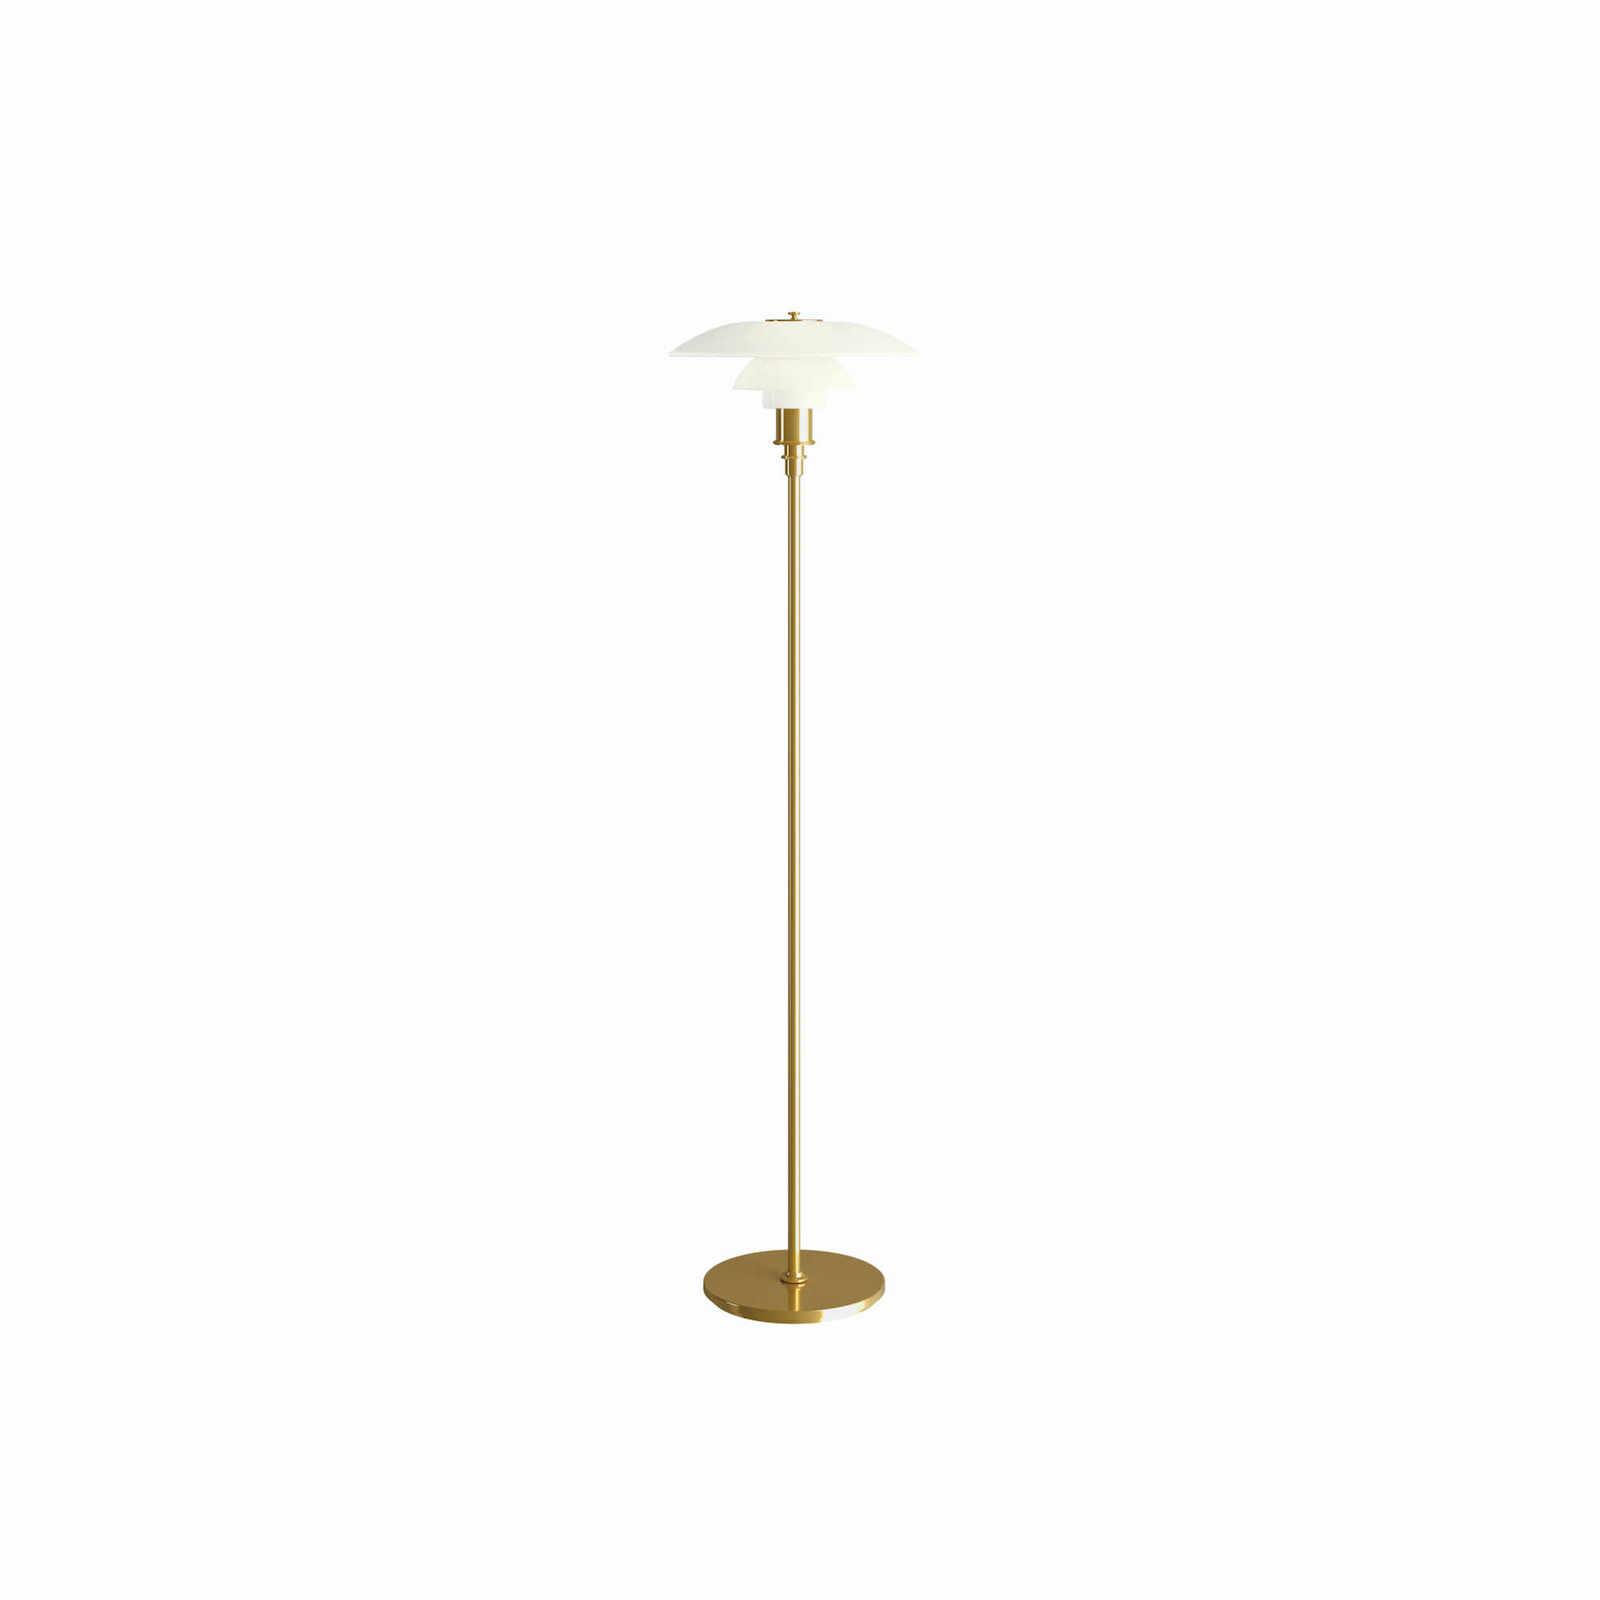 Brass metallised - +$102.15